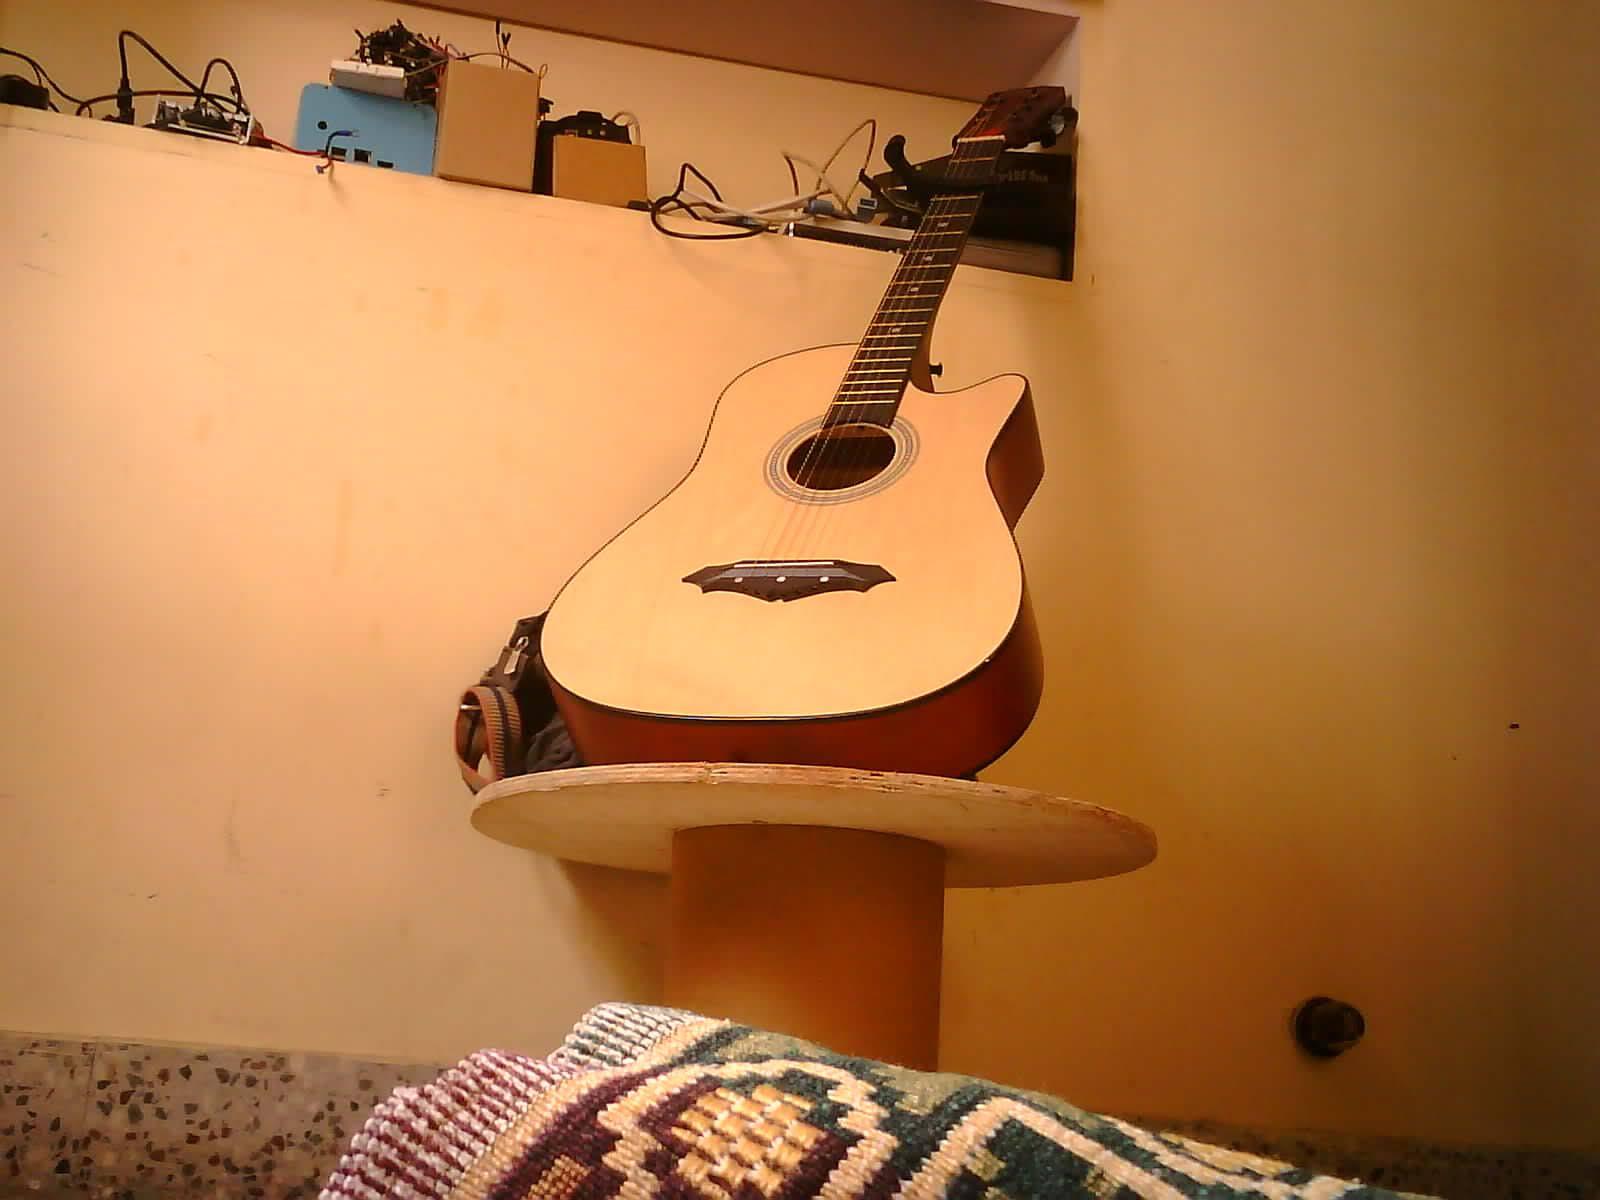 My guitar posing